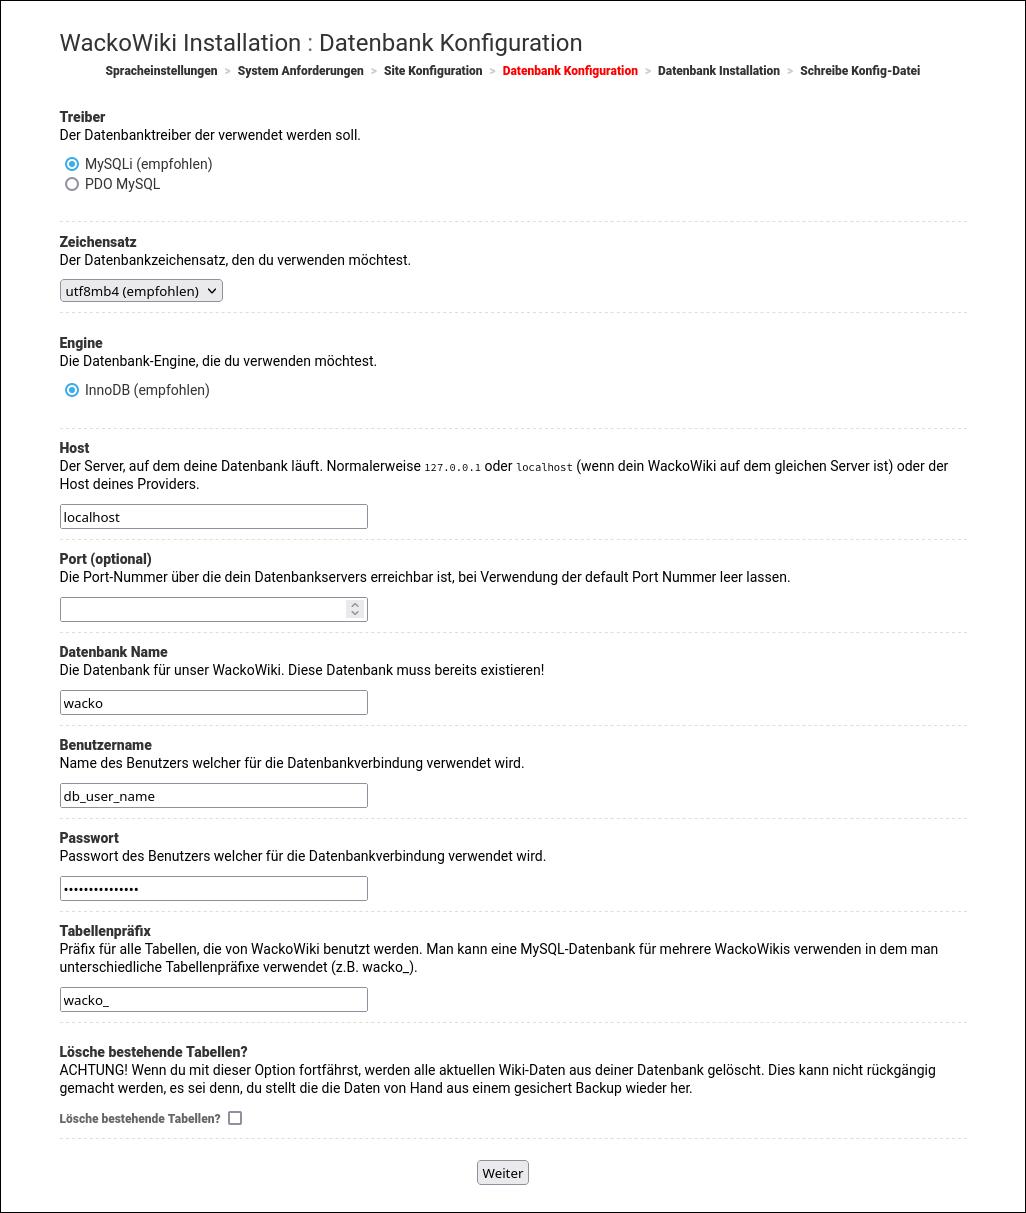 Bildschirmabdruck: WackoWiki R6.0 Installation Schritt 4: Datenbank Konfiguration